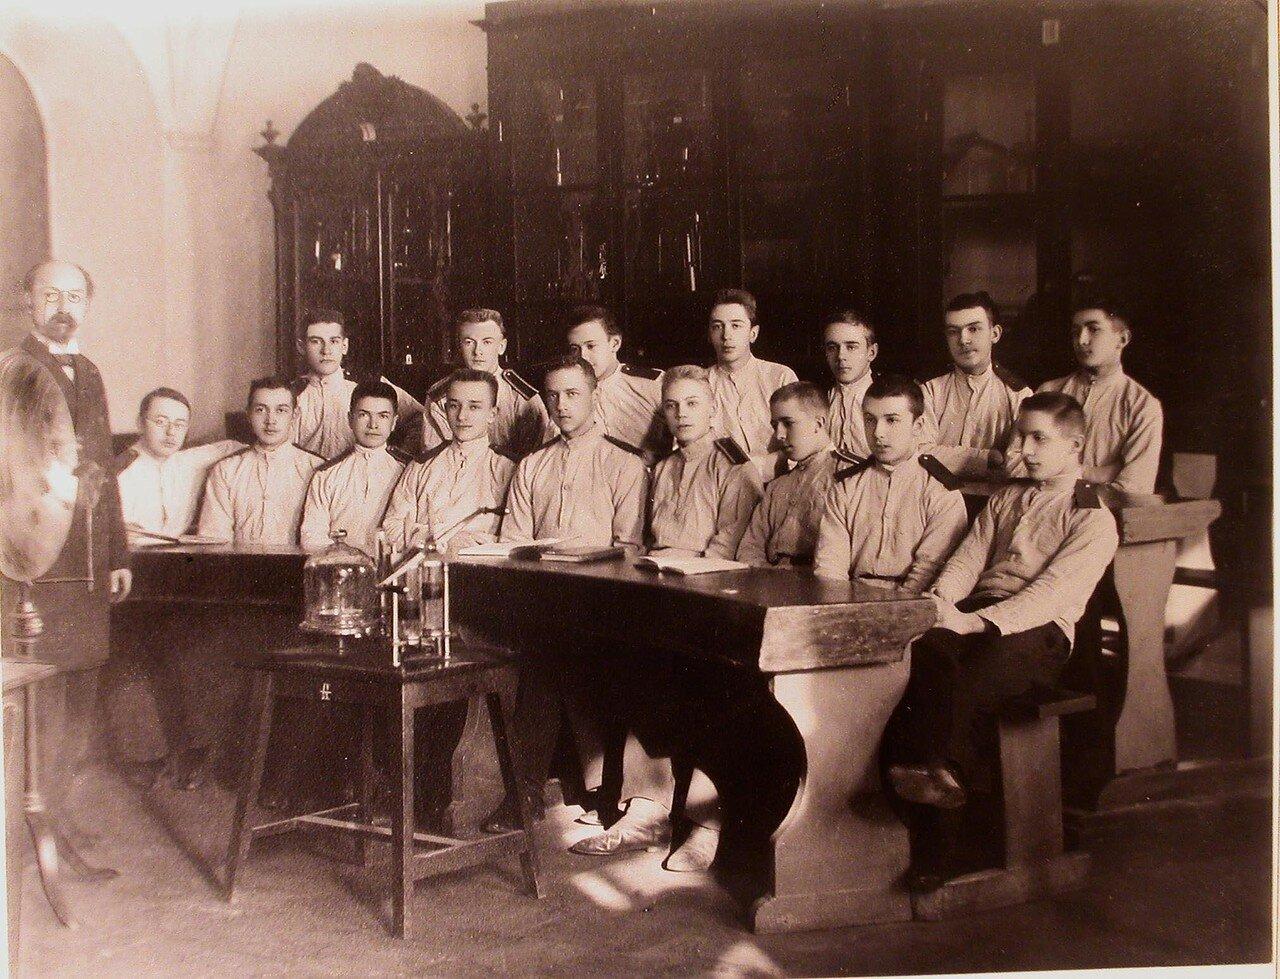 06. Воспитанники одного из старших классов кадетского корпуса и преподаватель во время урока физики